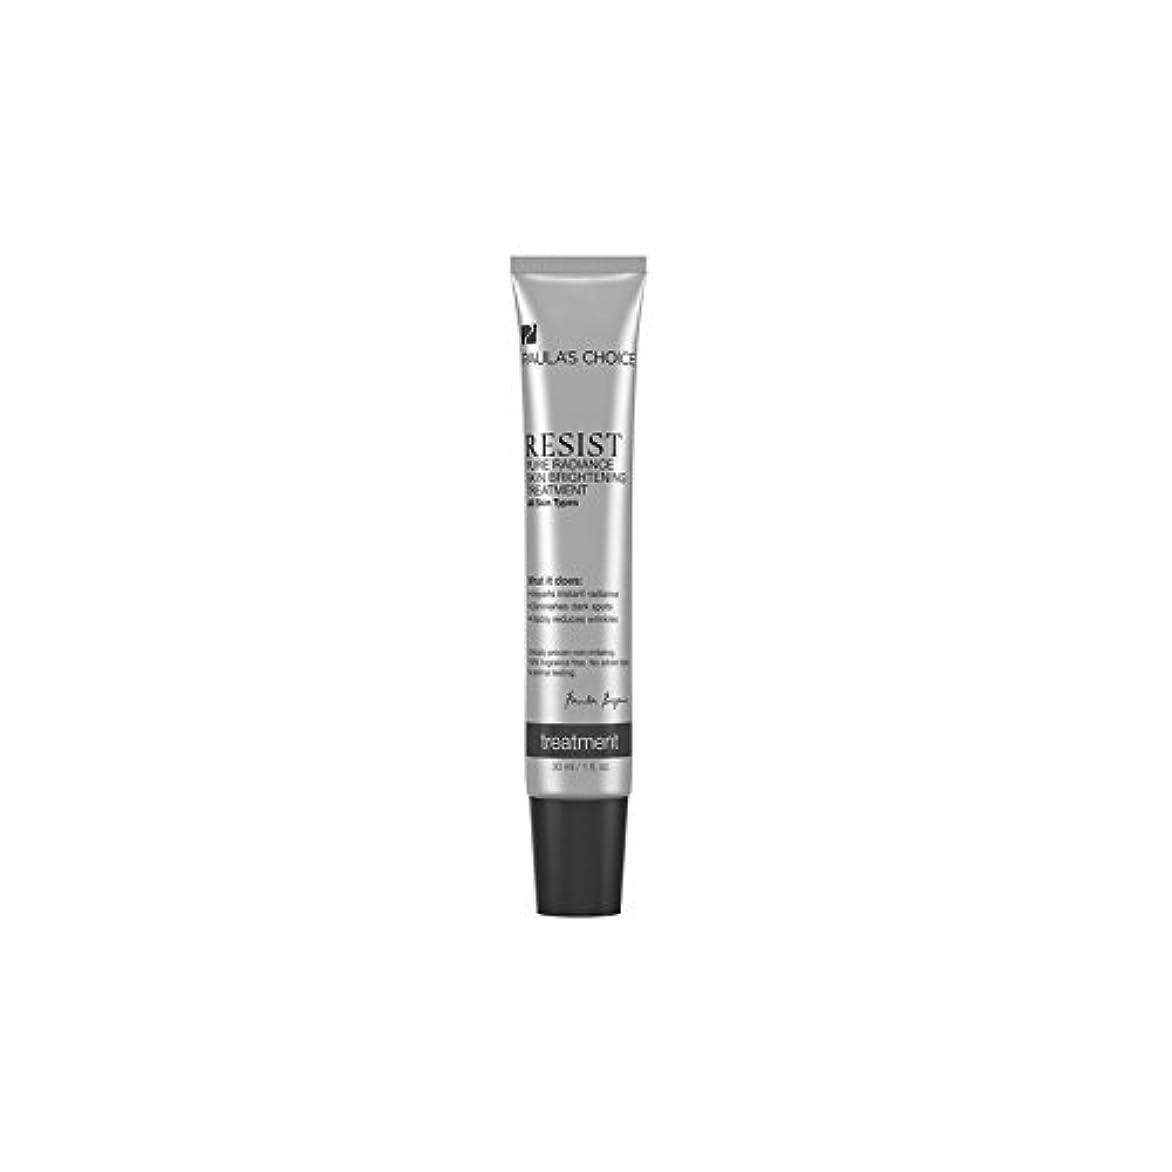 密接に何もないバンジョーポーラチョイスは純粋な輝き肌ブライトニングトリートメント(30ミリリットル)を抵抗します x4 - Paula's Choice Resist Pure Radiance Skin Brightening Treatment (30ml) (Pack of 4) [並行輸入品]